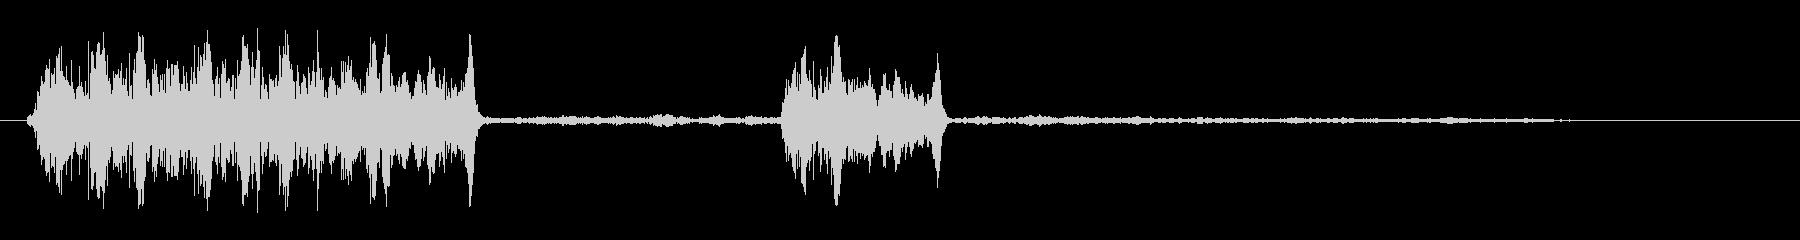 ネズミの鳴き声に似た音の未再生の波形